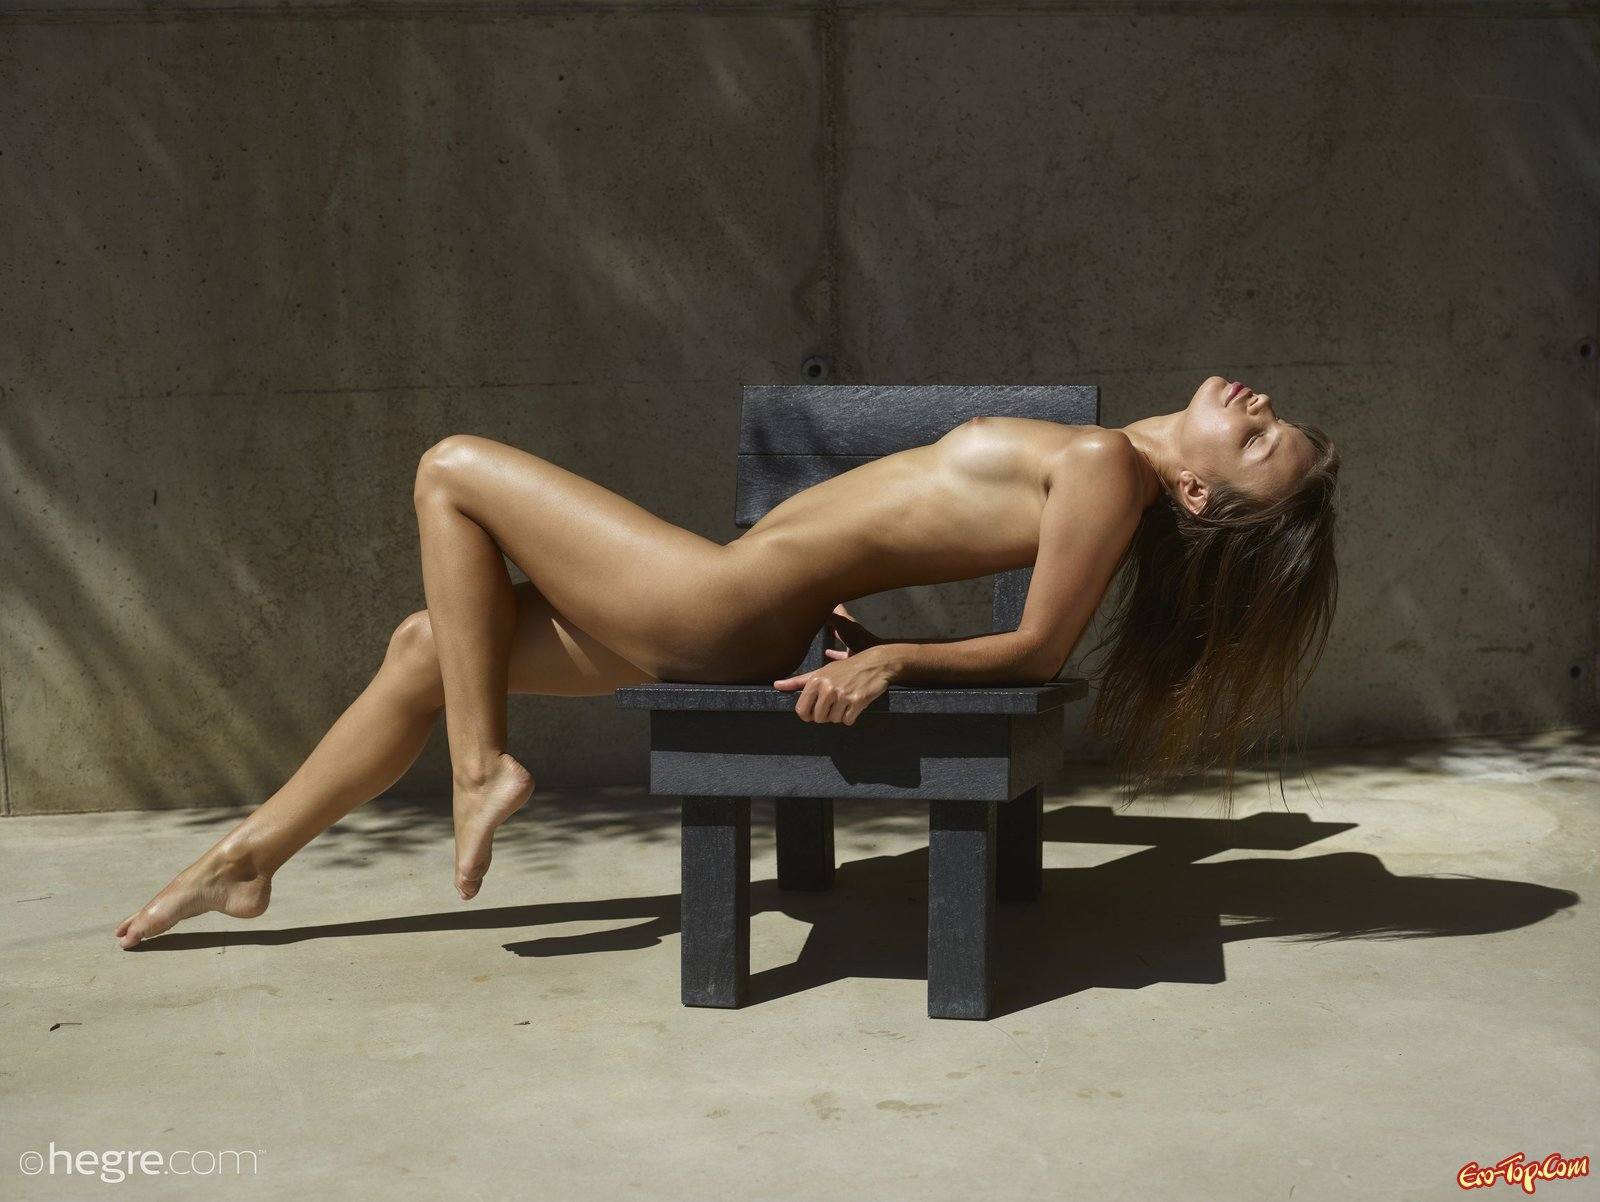 Фото голой девушки в масле